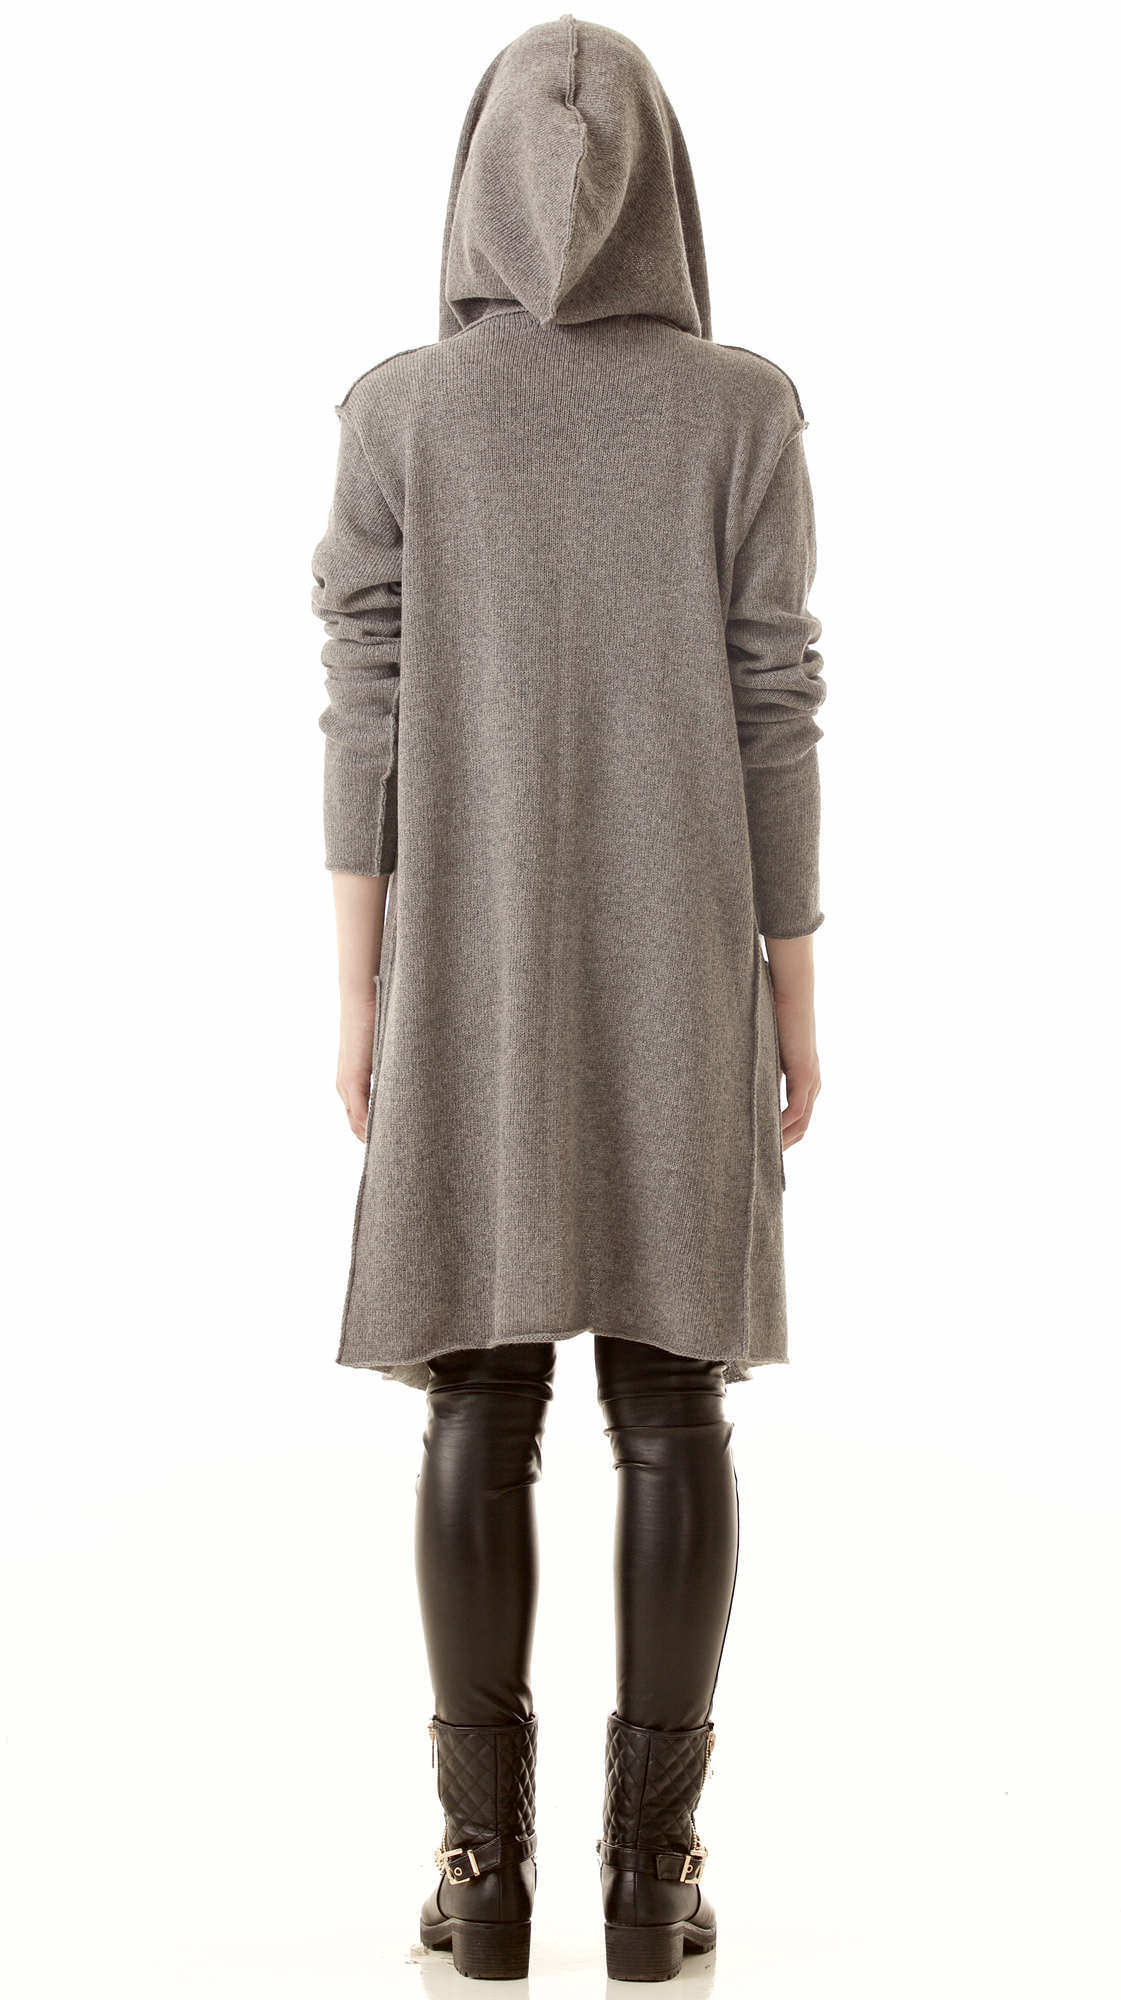 Graue kaschmir strickjacke mit kapuze für Damen EDITH